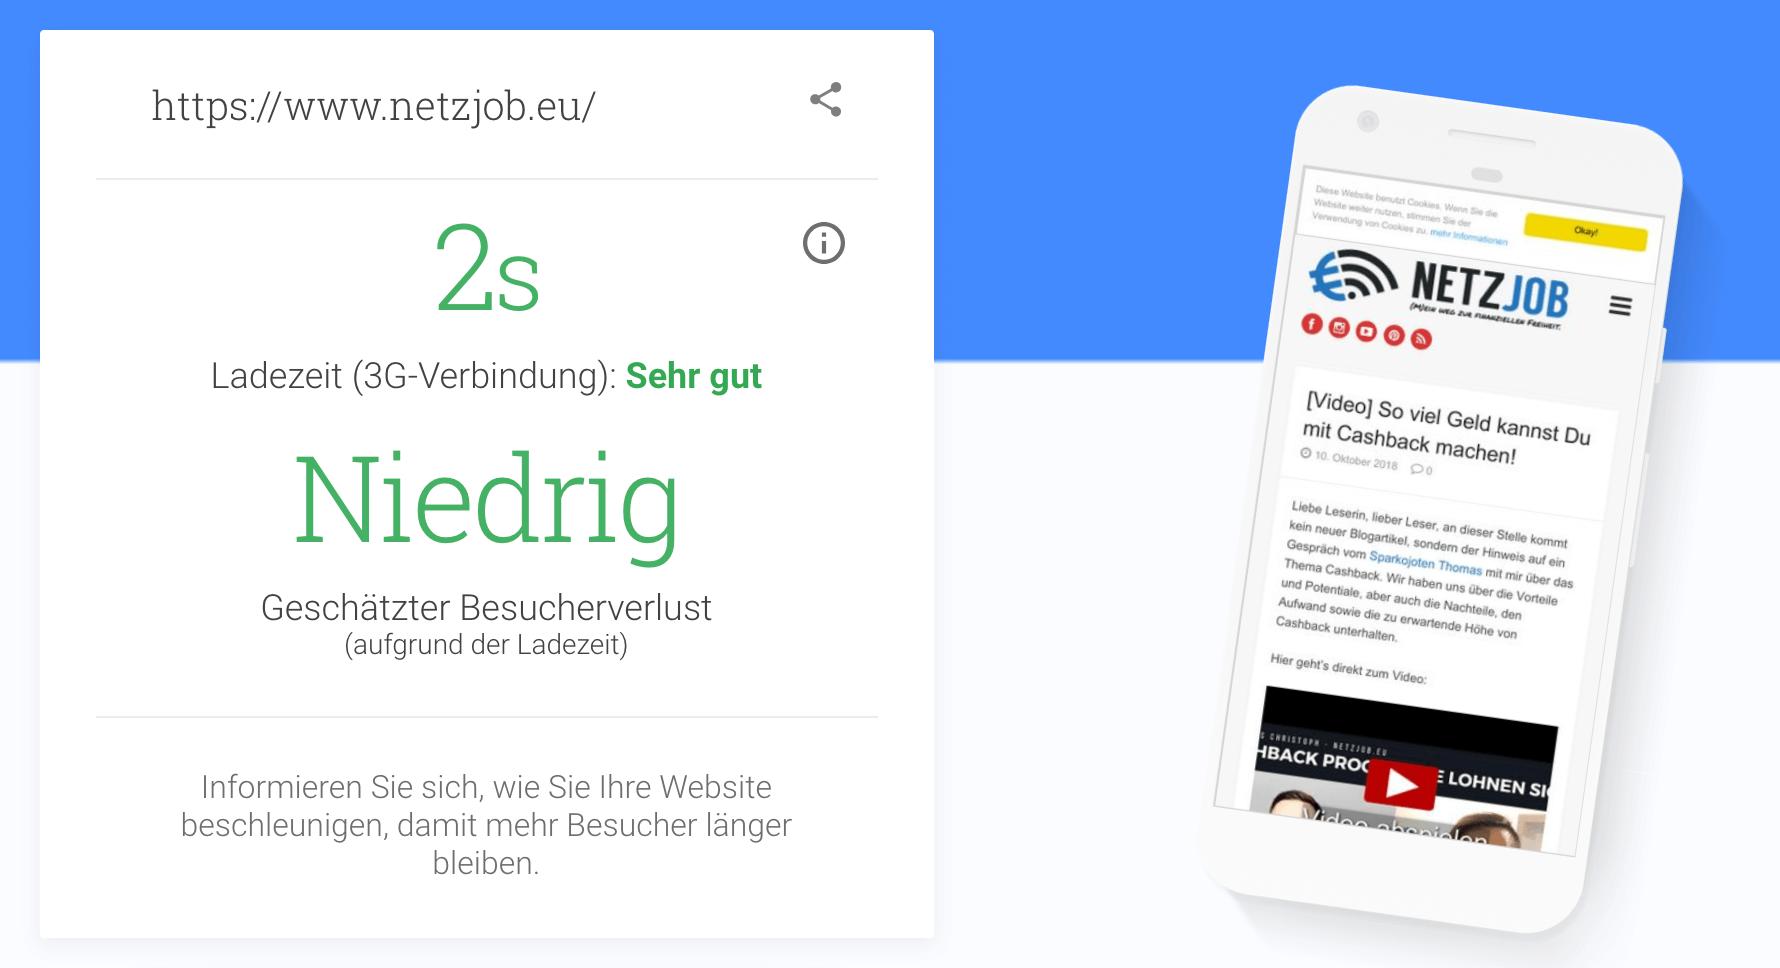 Netzjob.eu braucht nur 2 Sekunden Ladezeit unter 3G